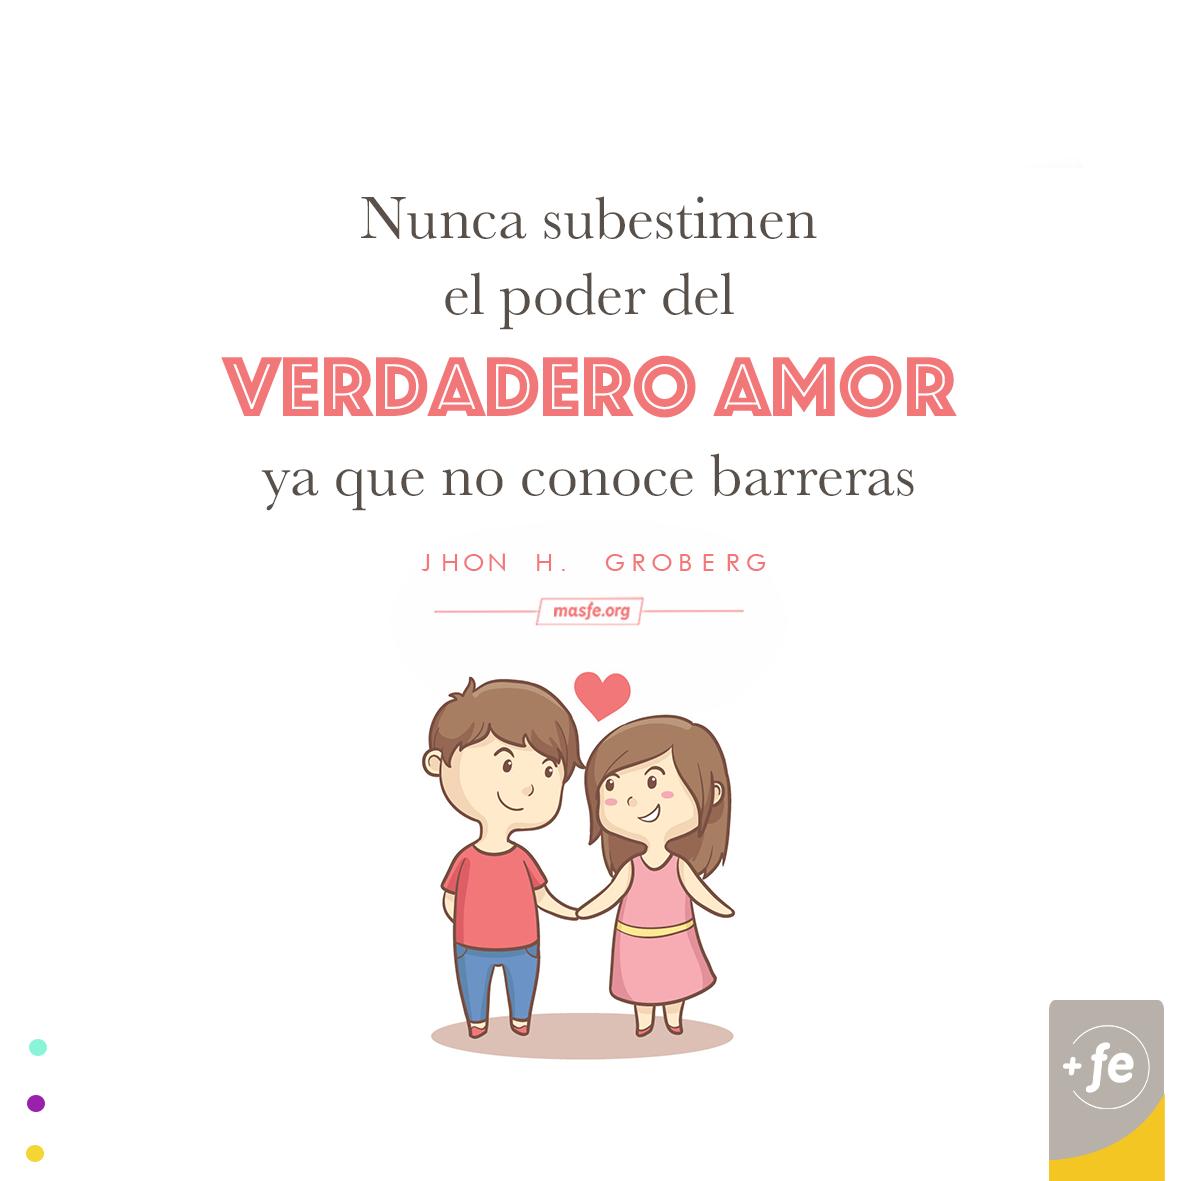 El Verdadero Amor Frases Bonitas La Iglesia De Jesucristo Citas Lds